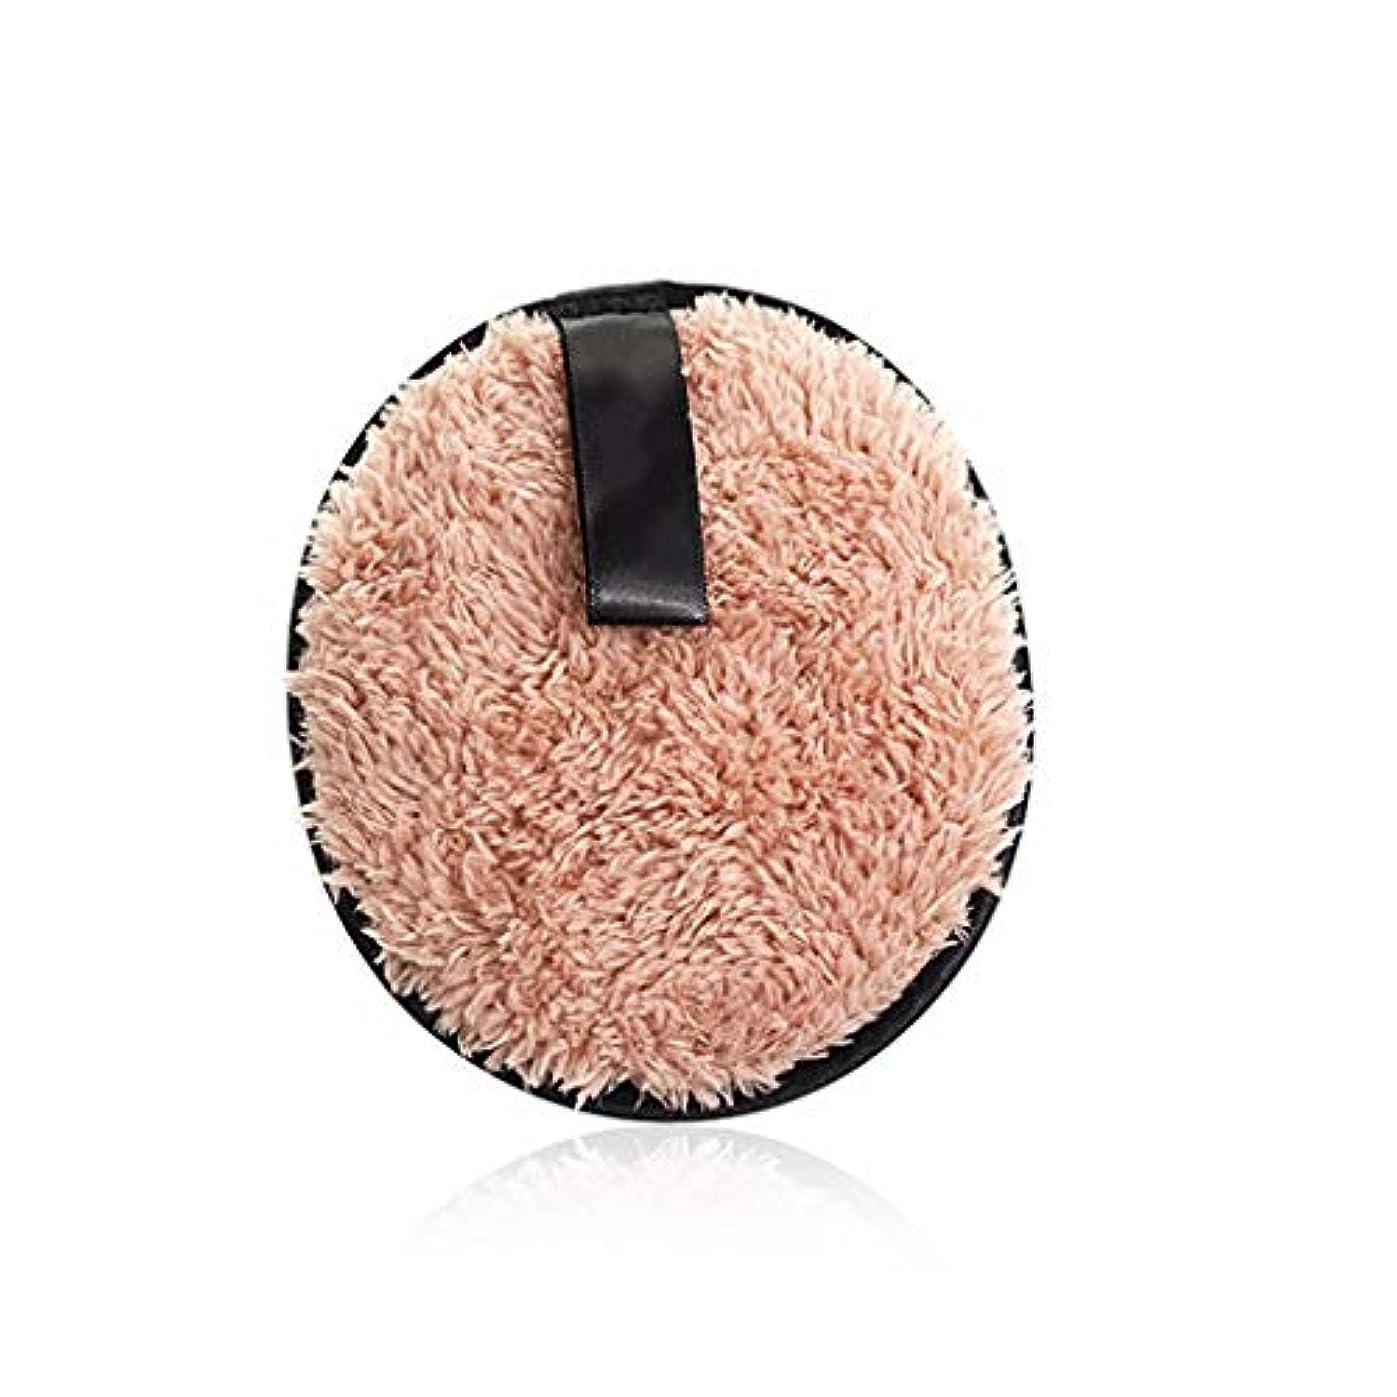 インシュレータグリーンランド耳フェイスメイクアップリムーバーソフトスポンジコットンメイクアップリムーバークロスパウダーパフ洗顔ワイプ再利用可能な洗えるパッド (Color : Light brown, サイズ : 4.7*4.7*0.7inch)